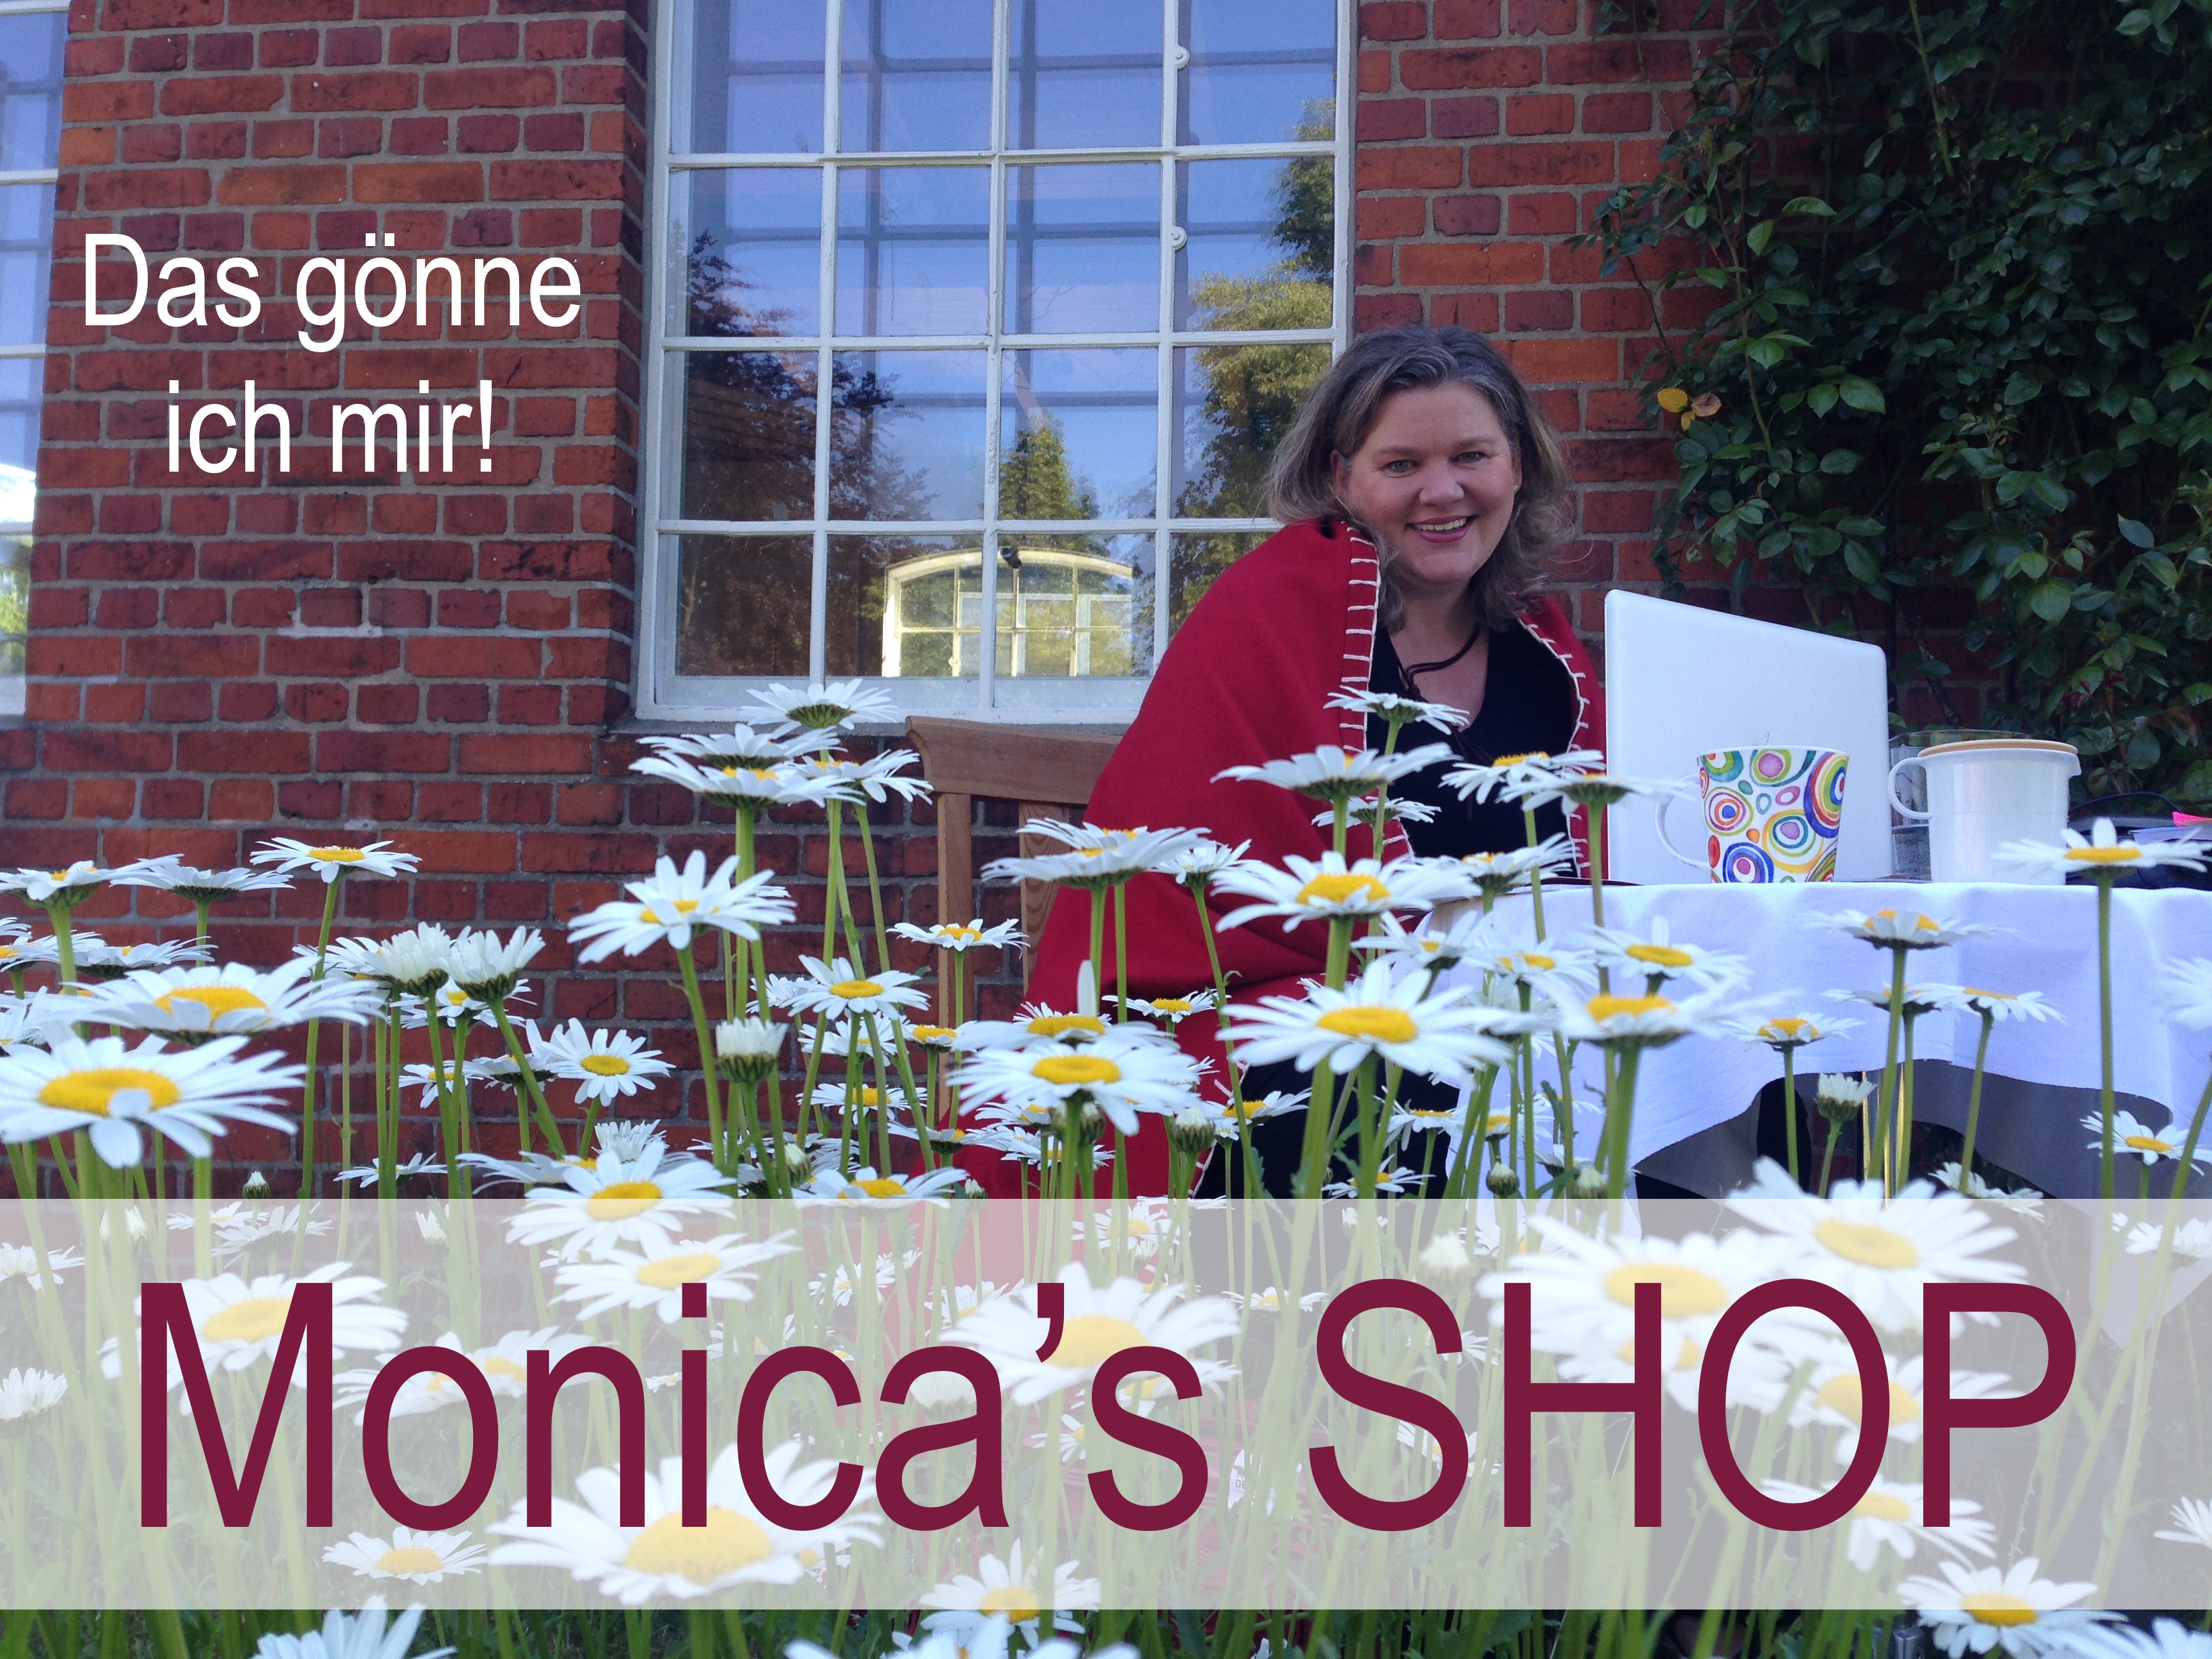 Monicas Shop